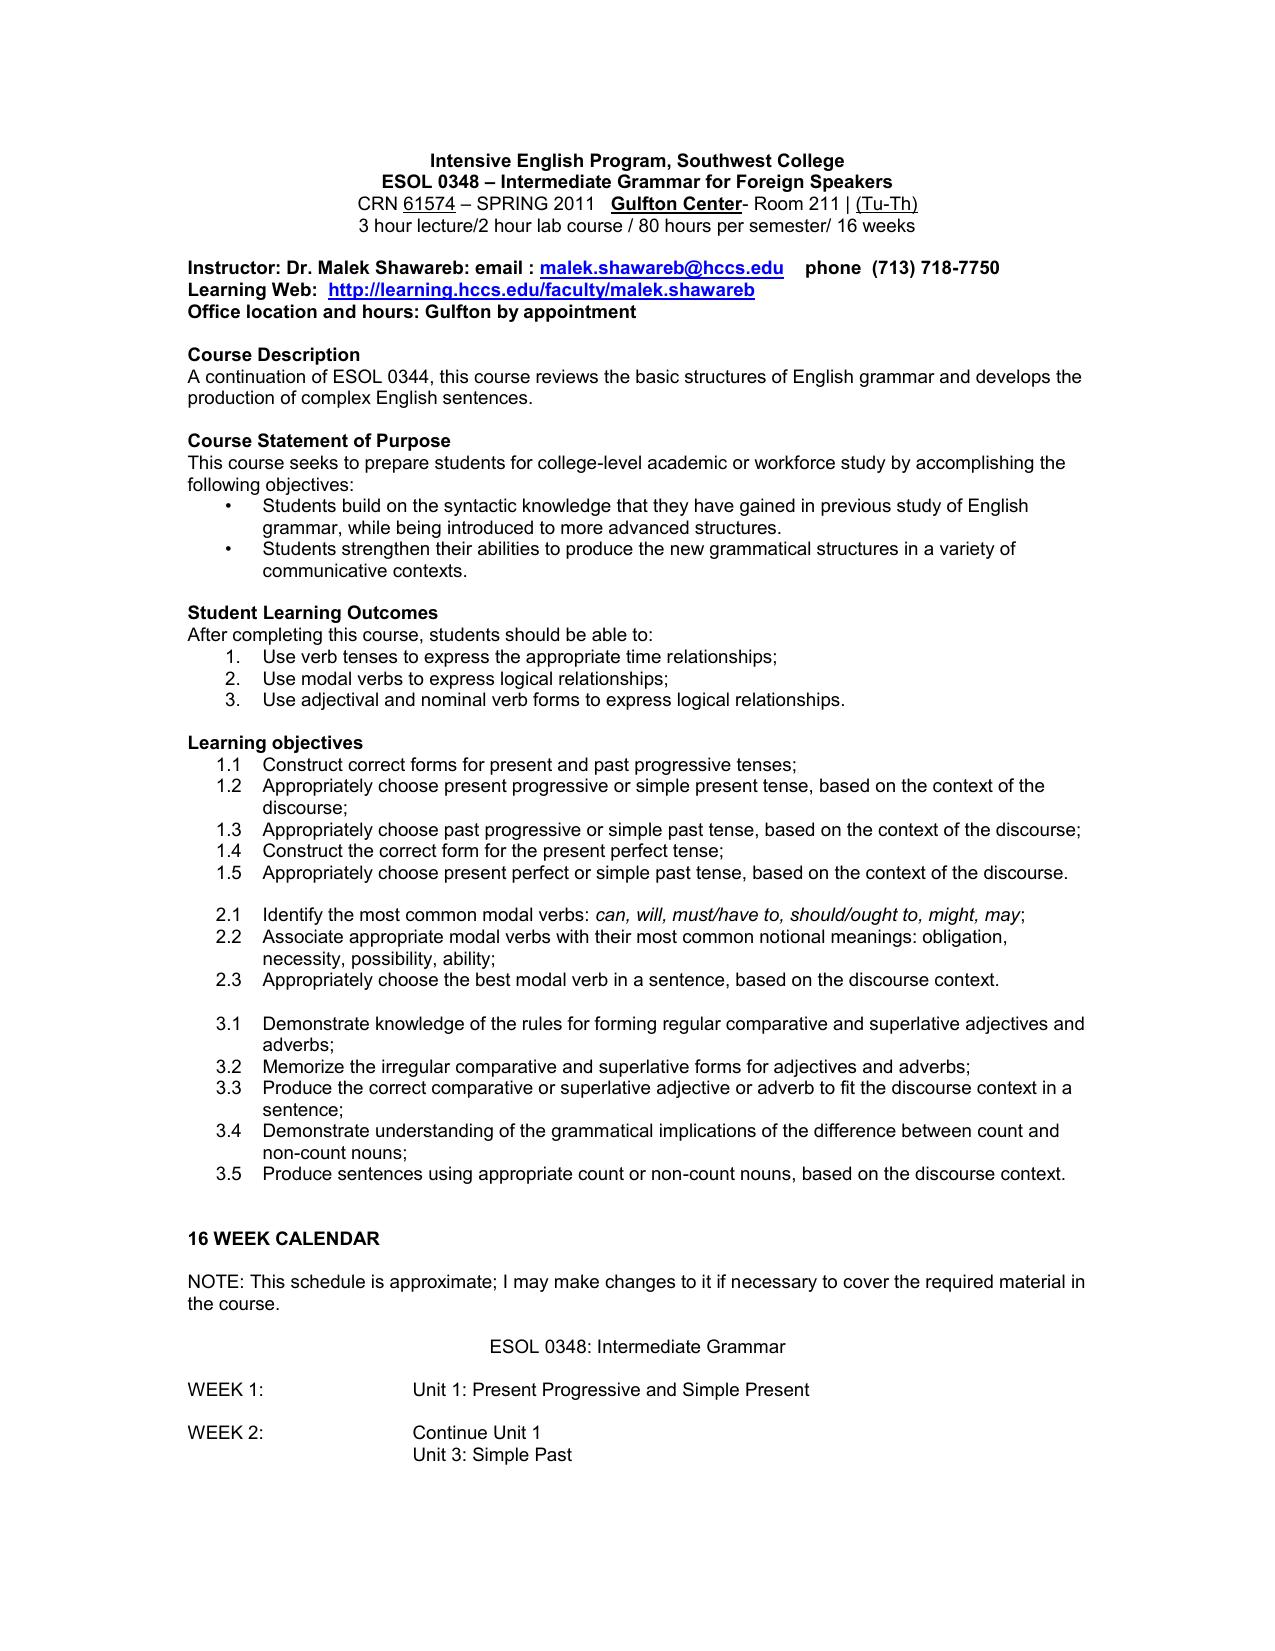 L 2 Grammar Syllabus Sp 11 doc